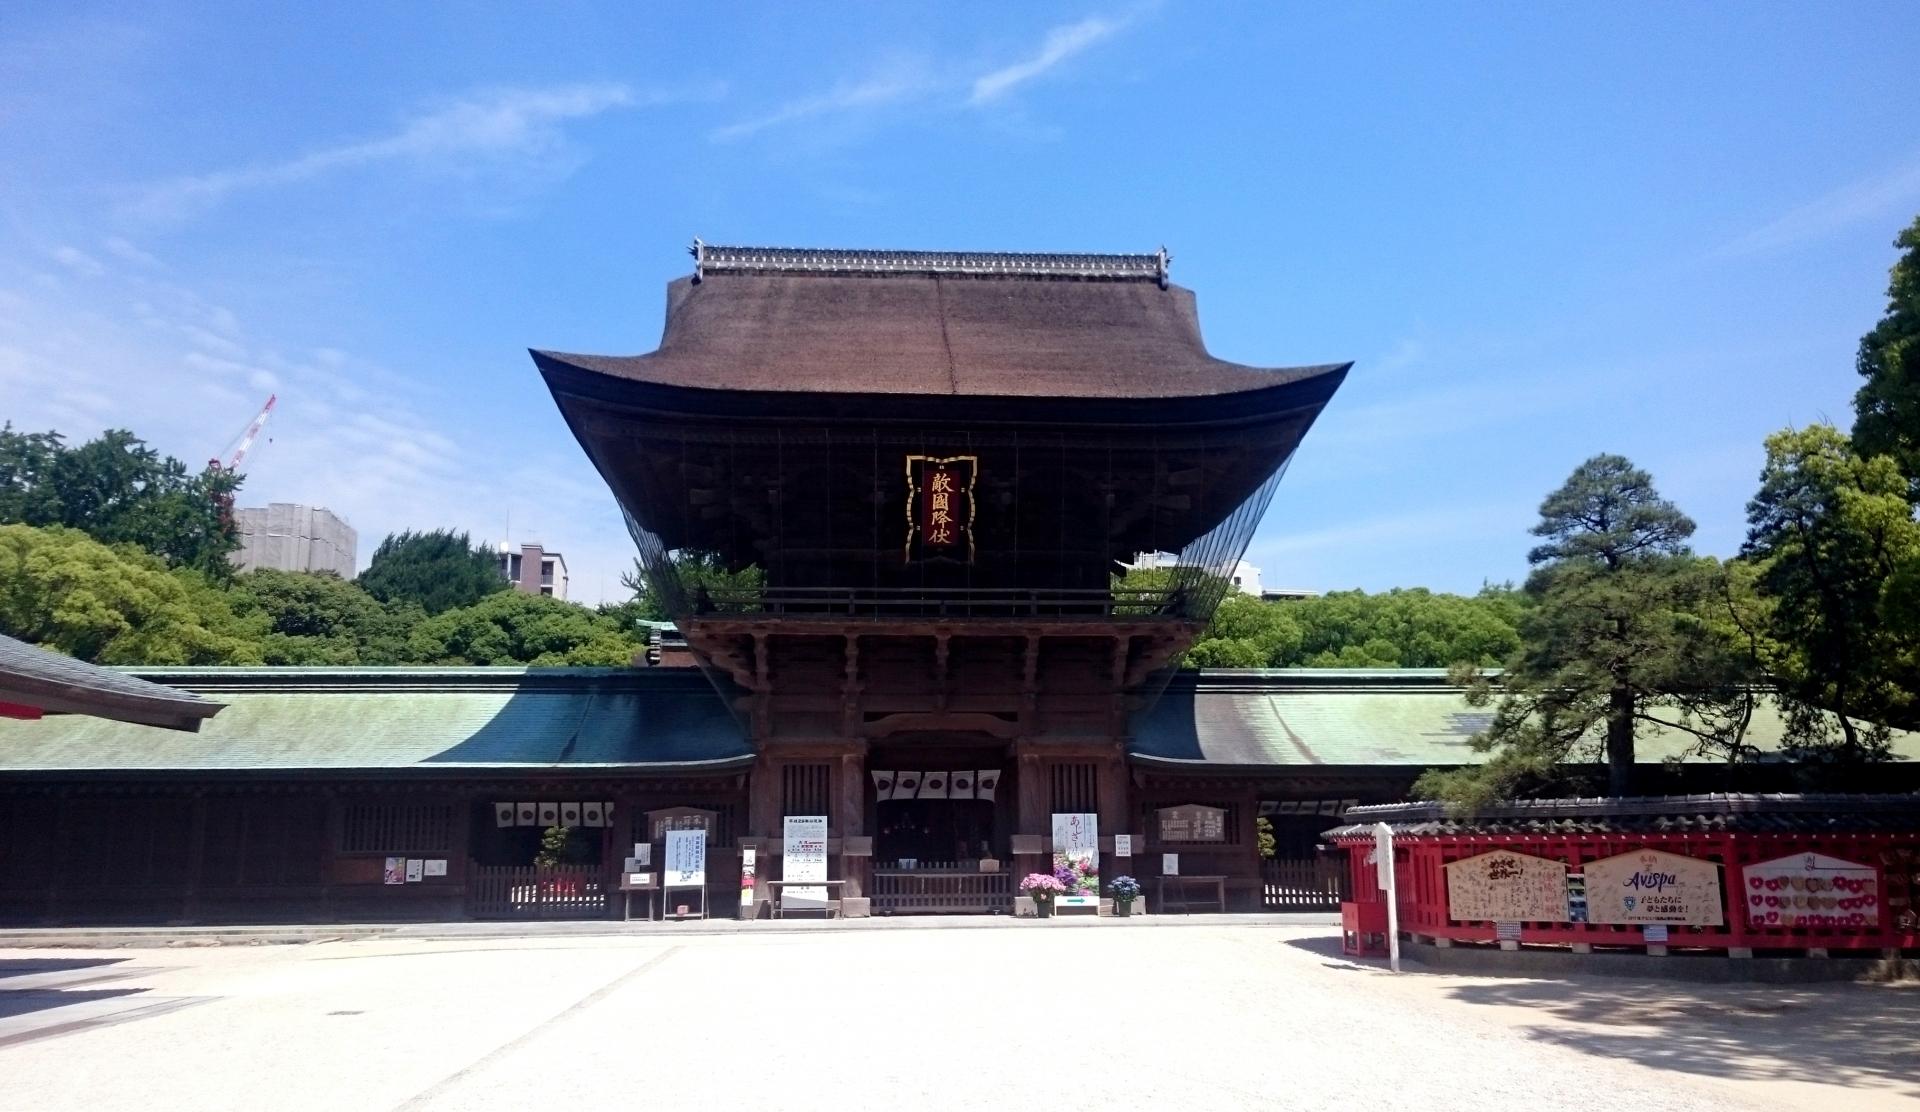 博多で神社めぐり!有名パワースポットやライトアップ場所をご紹介